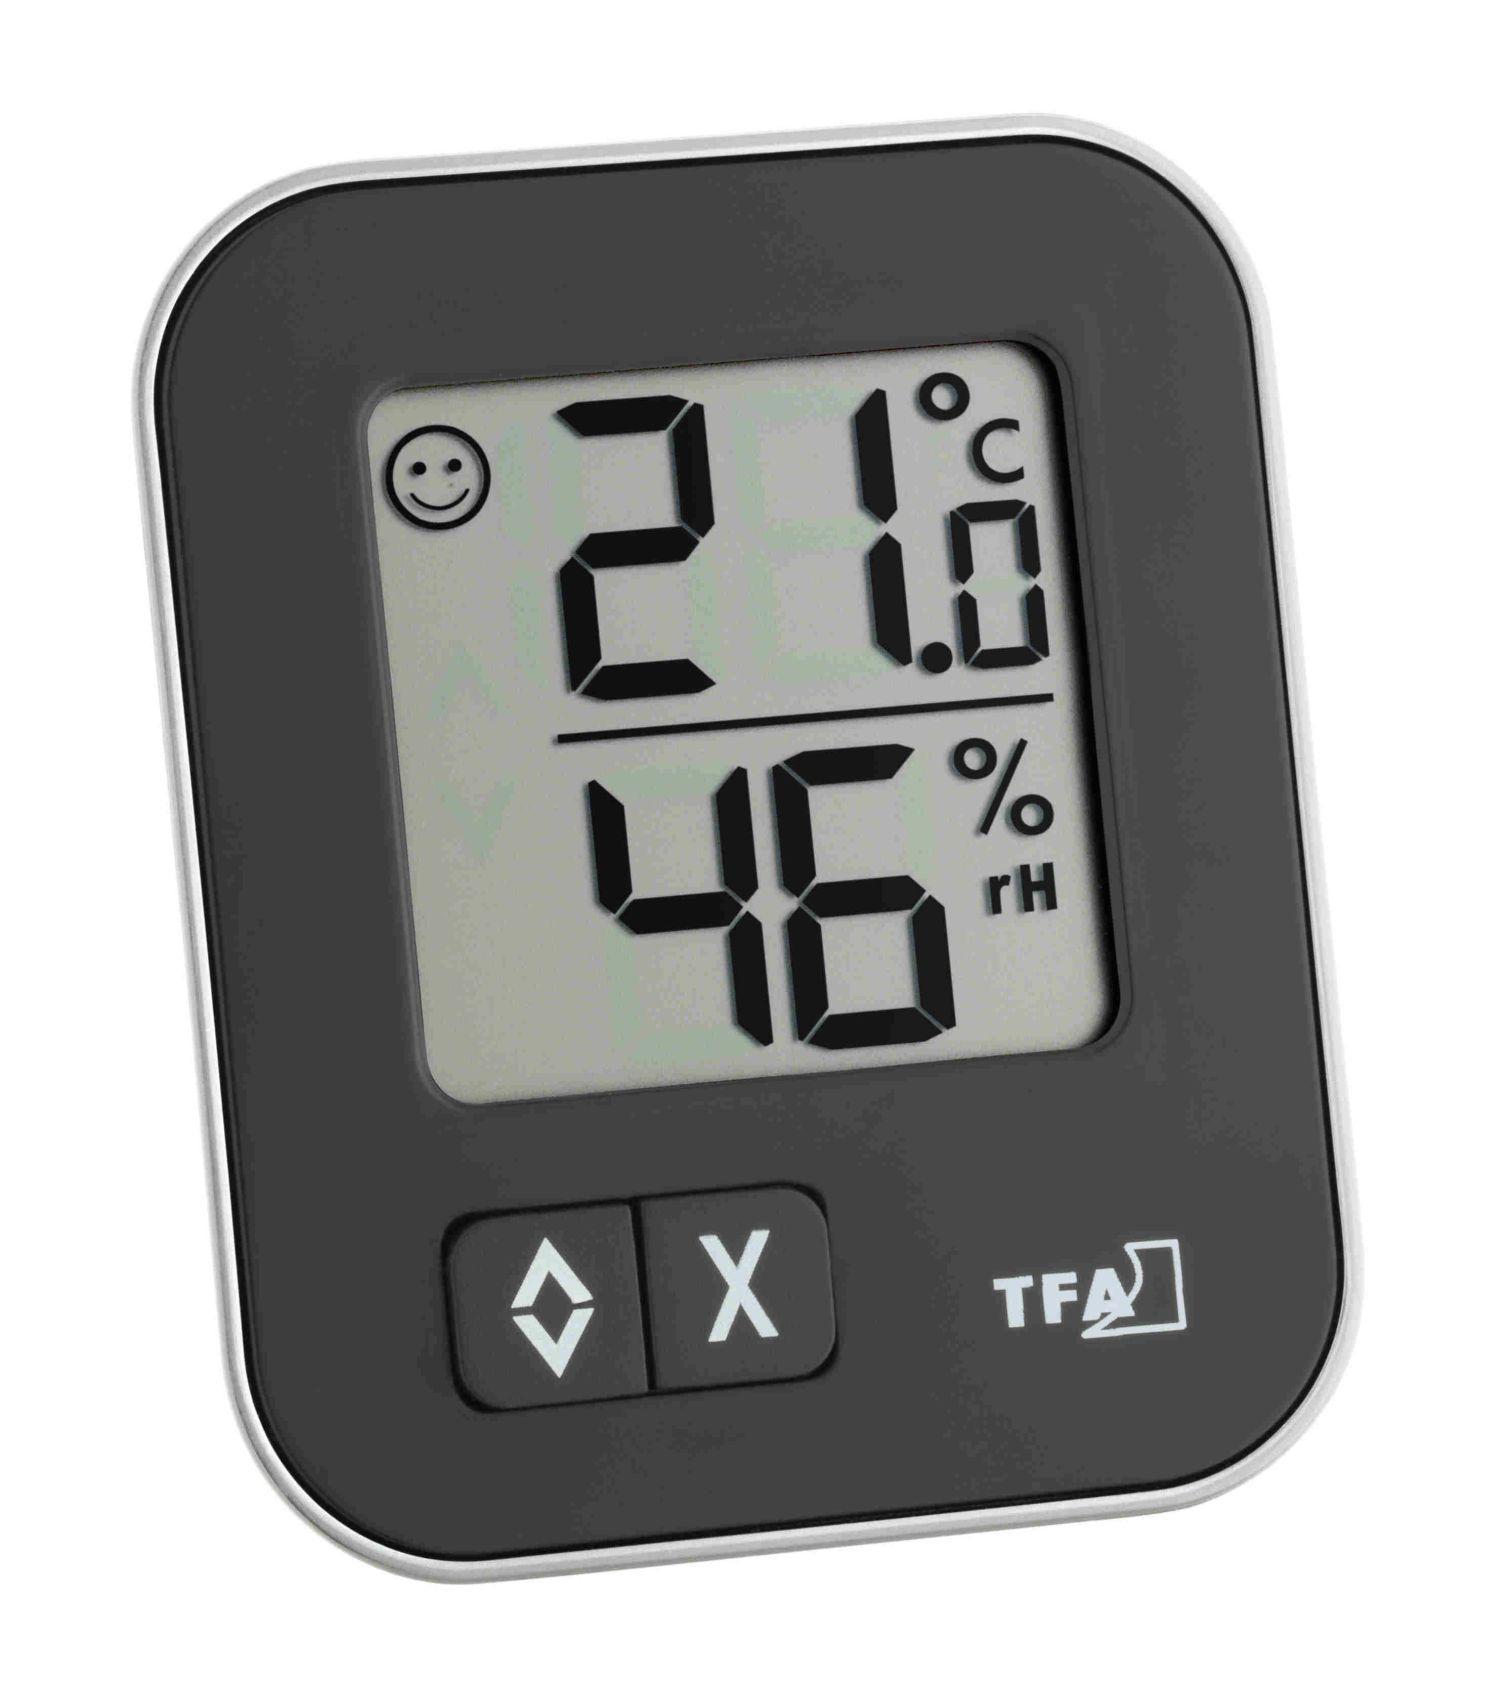 Digitální teploměr s vlhkoměrem TFA 30.5026.01 MOXX - černý